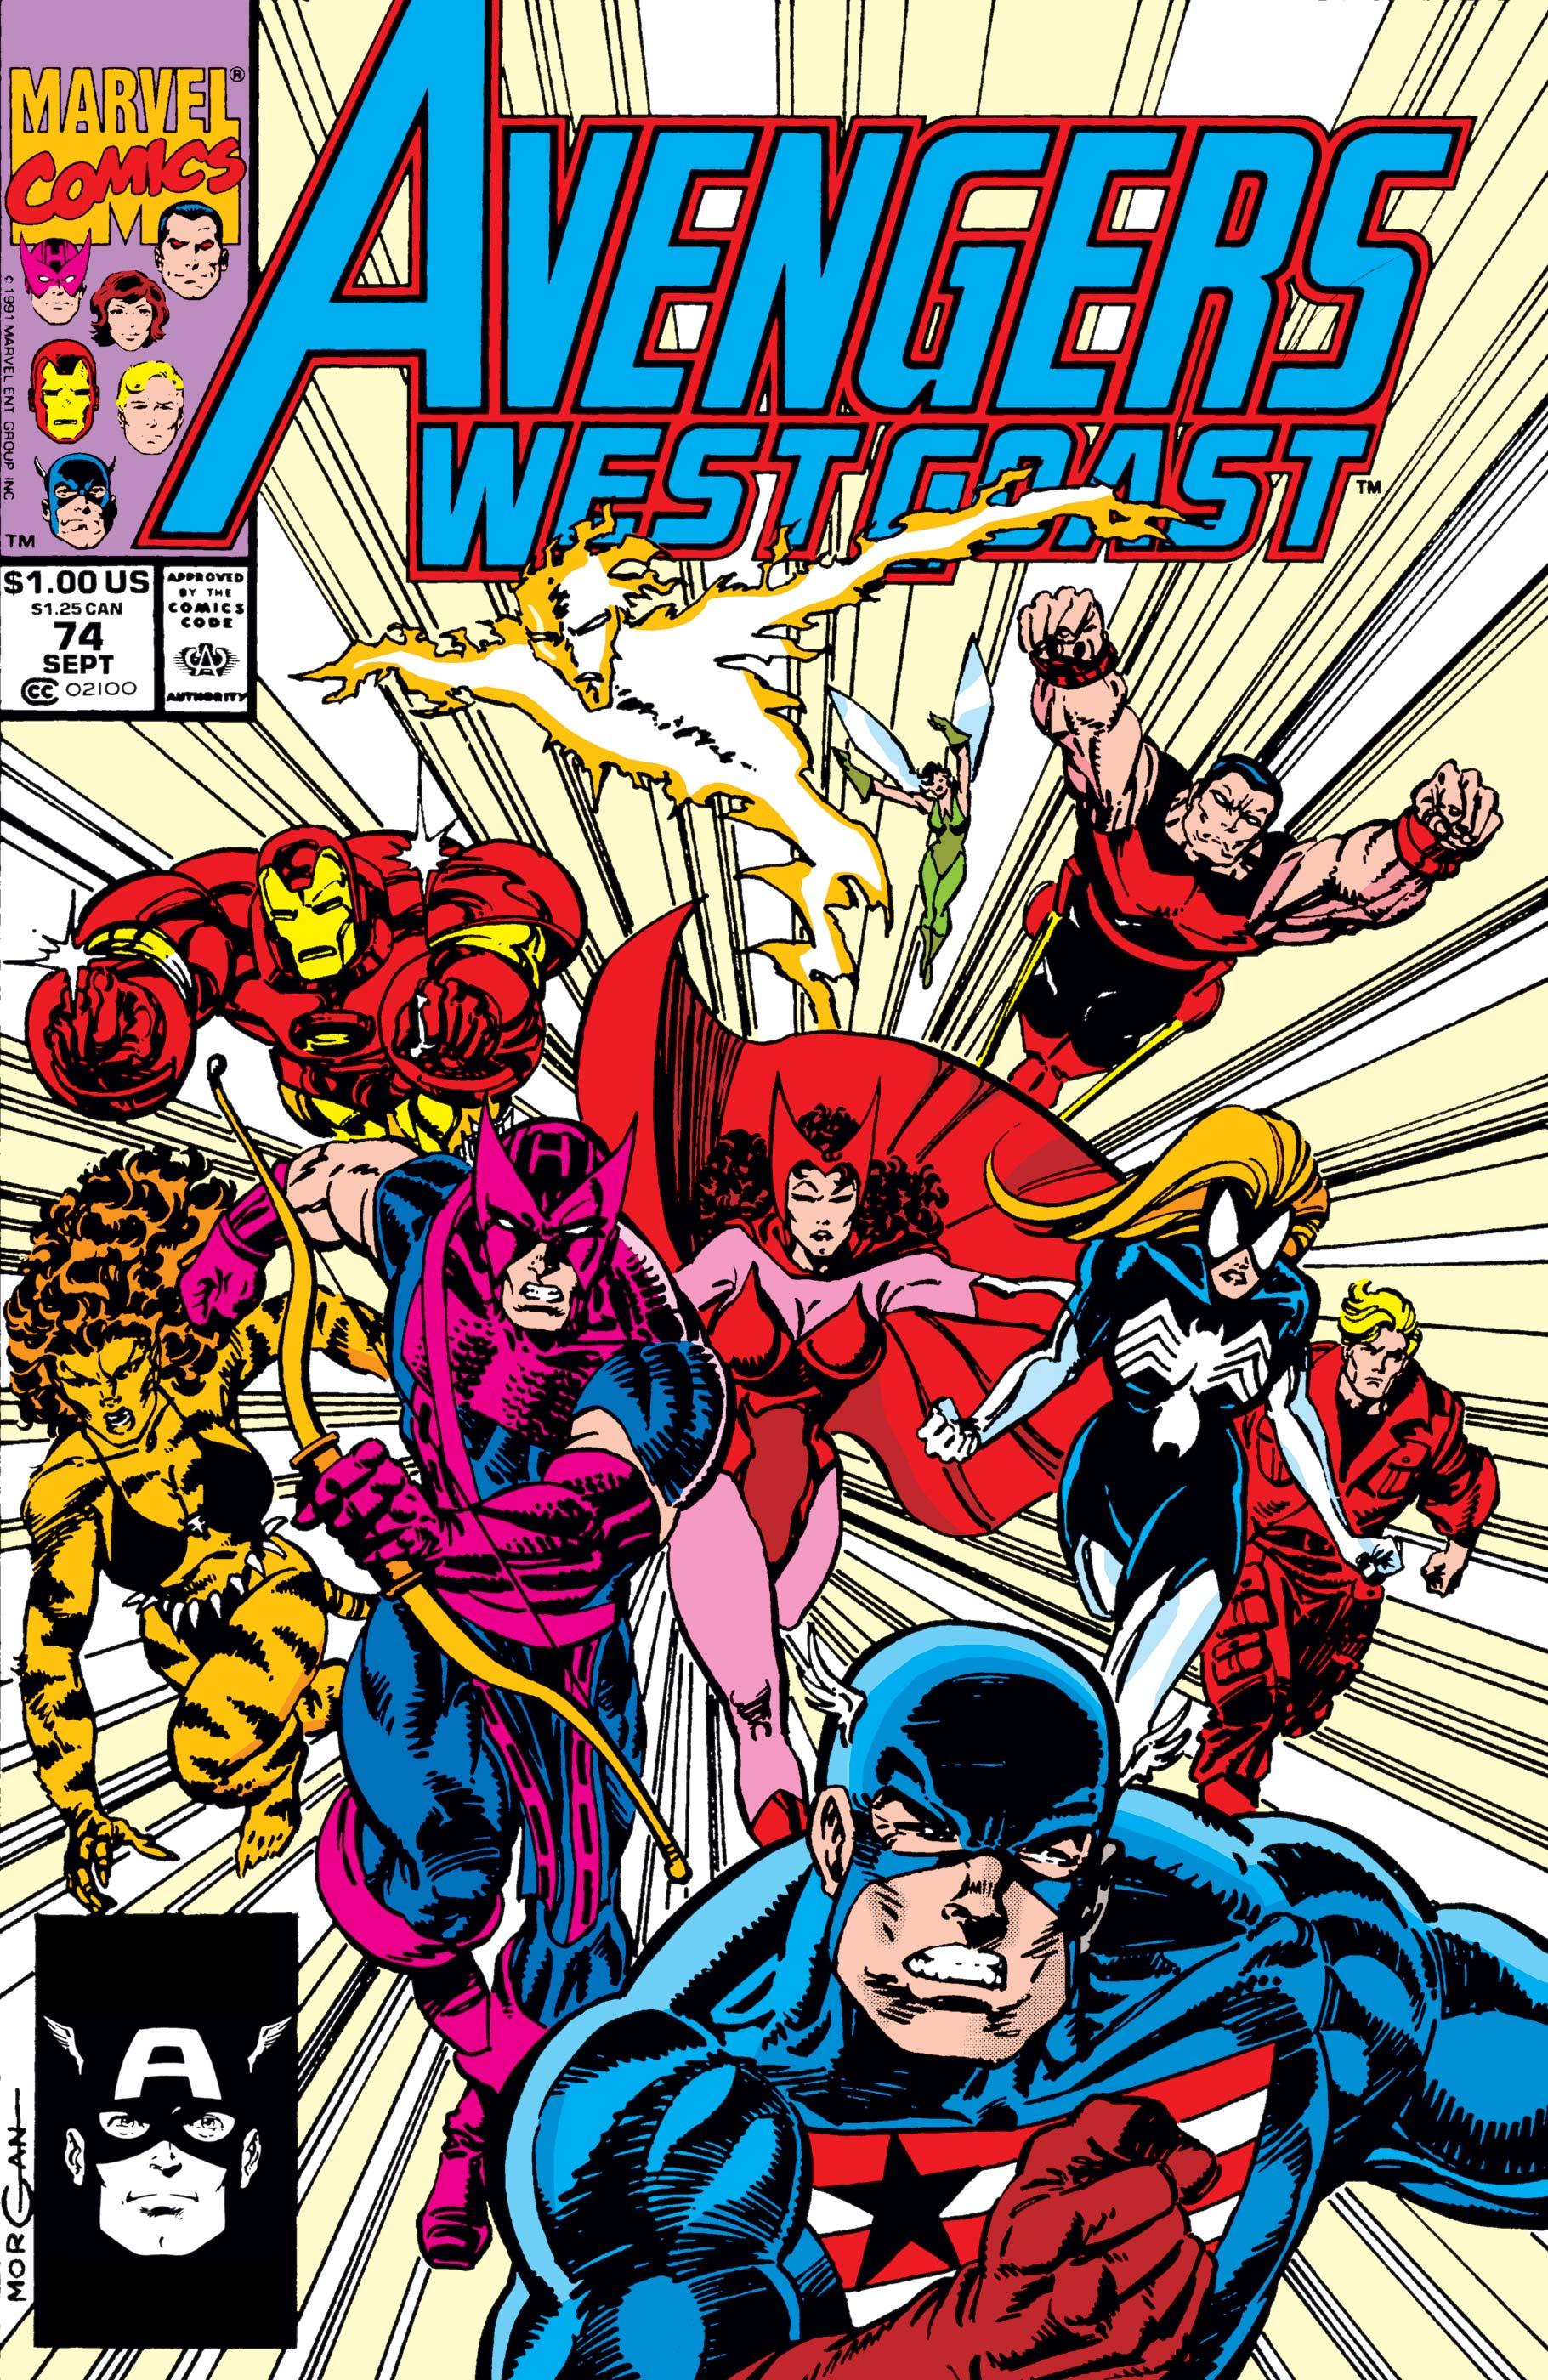 West Coast Avengers (1985) #74